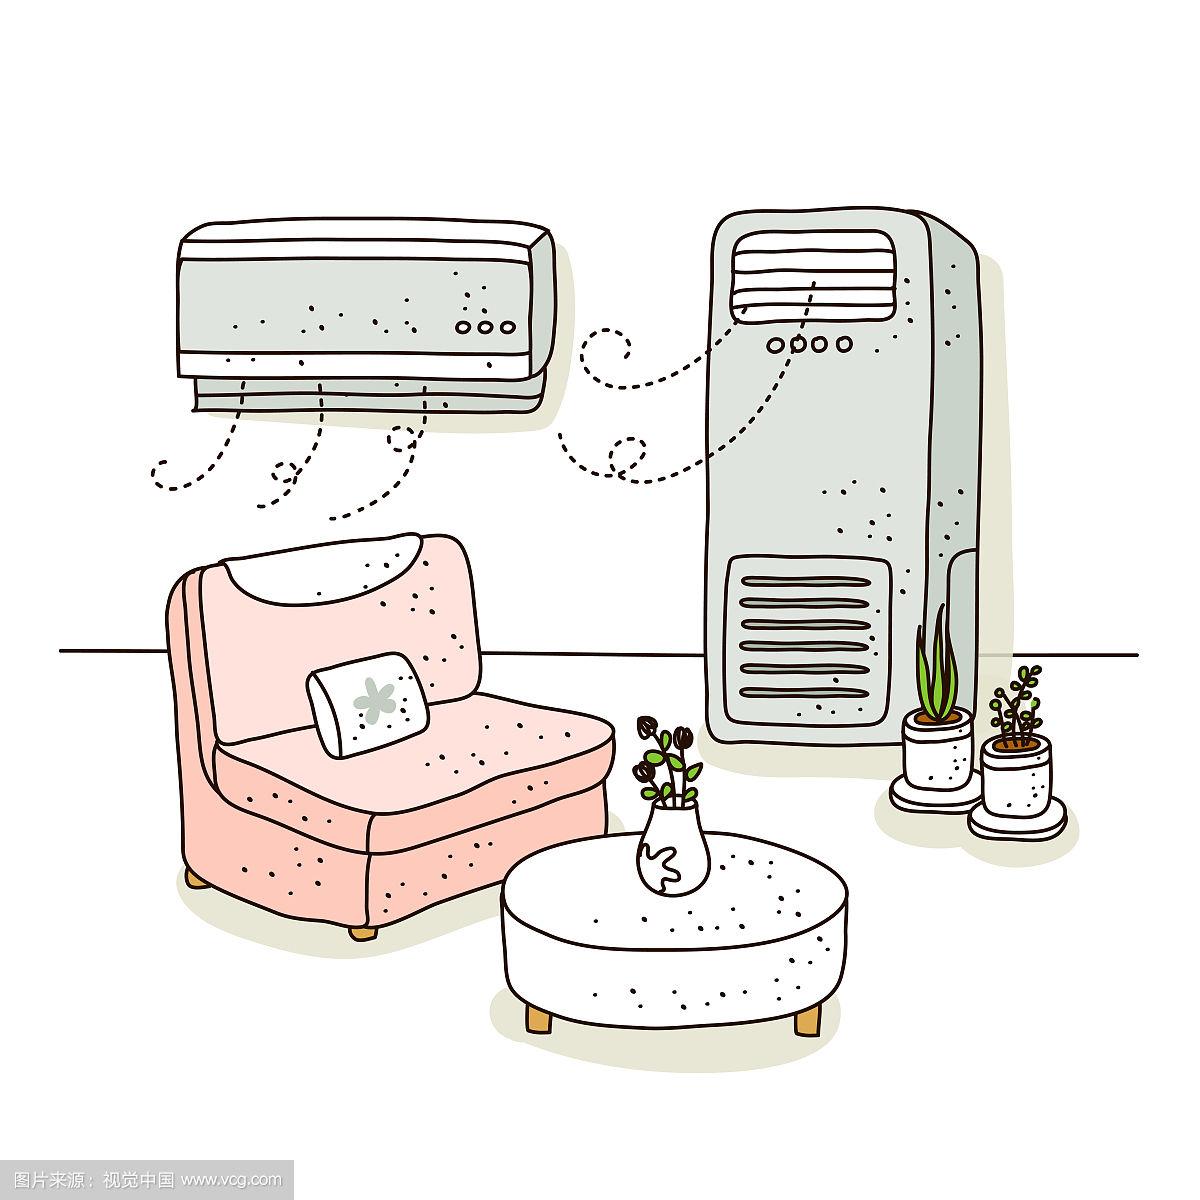 分体式空调与中央空调相比到底差在哪